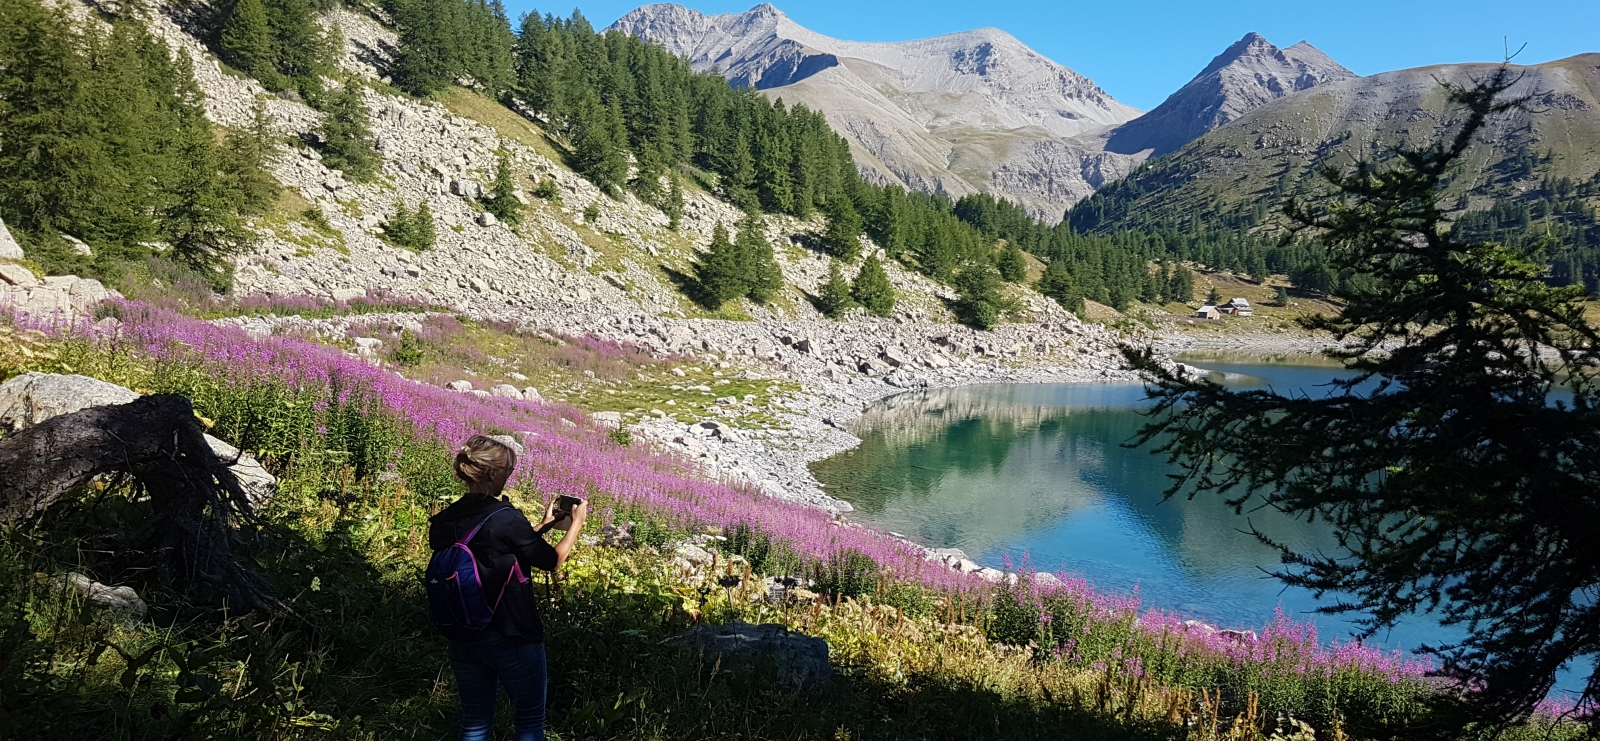 Rando terres d'Azur Lac d'Allos